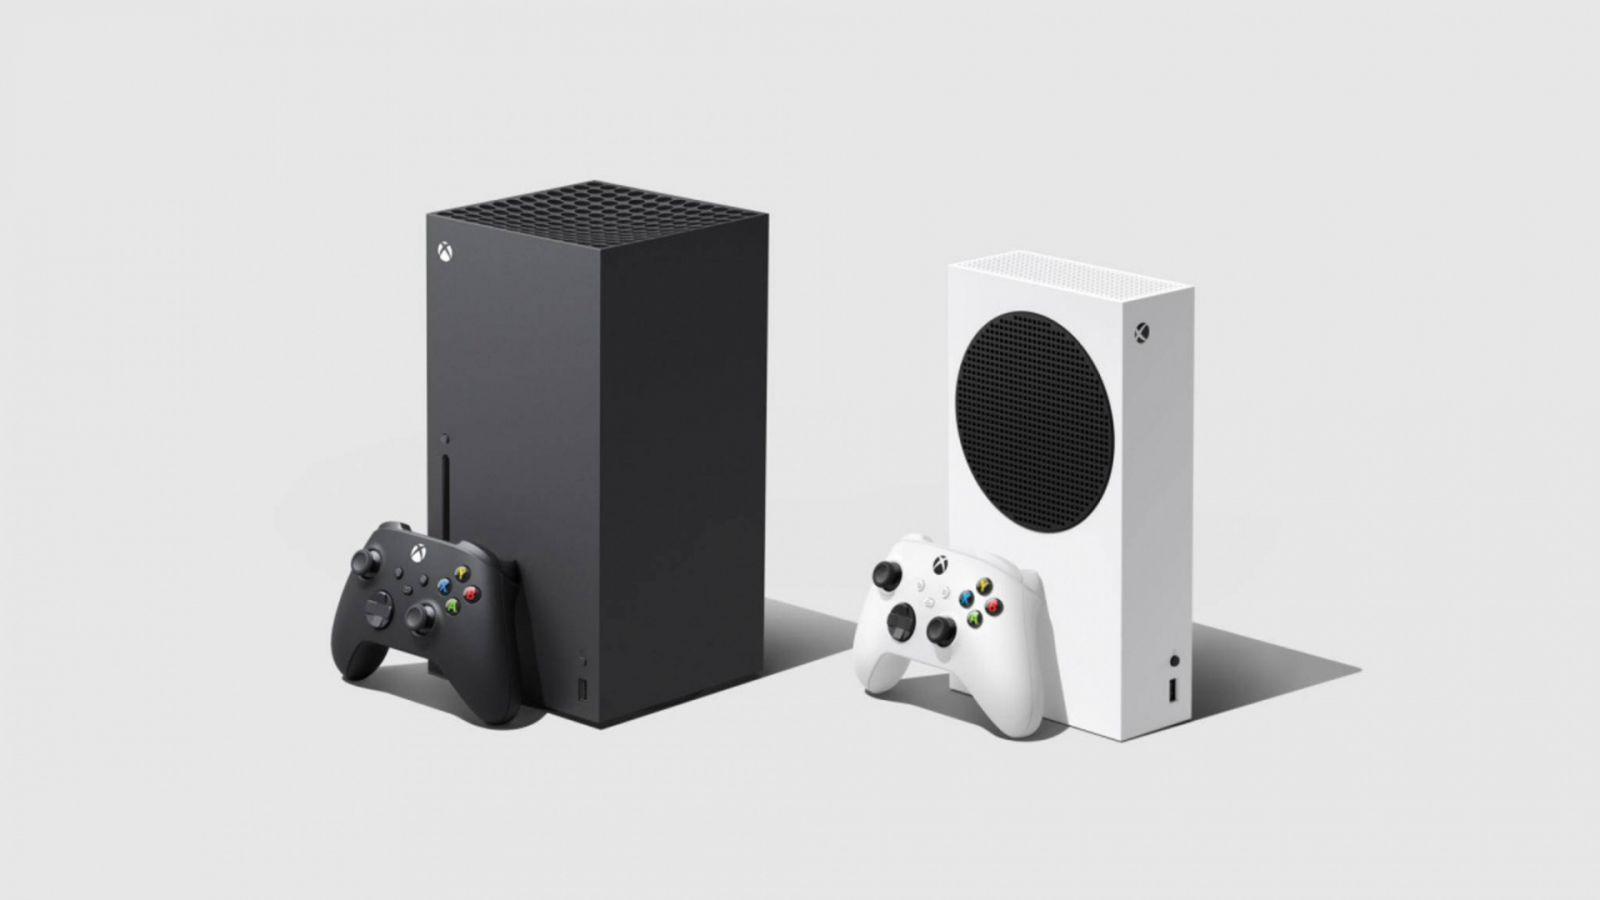 На AliExpress Россия стартовал предзаказ Xbox Series X и Series S ()